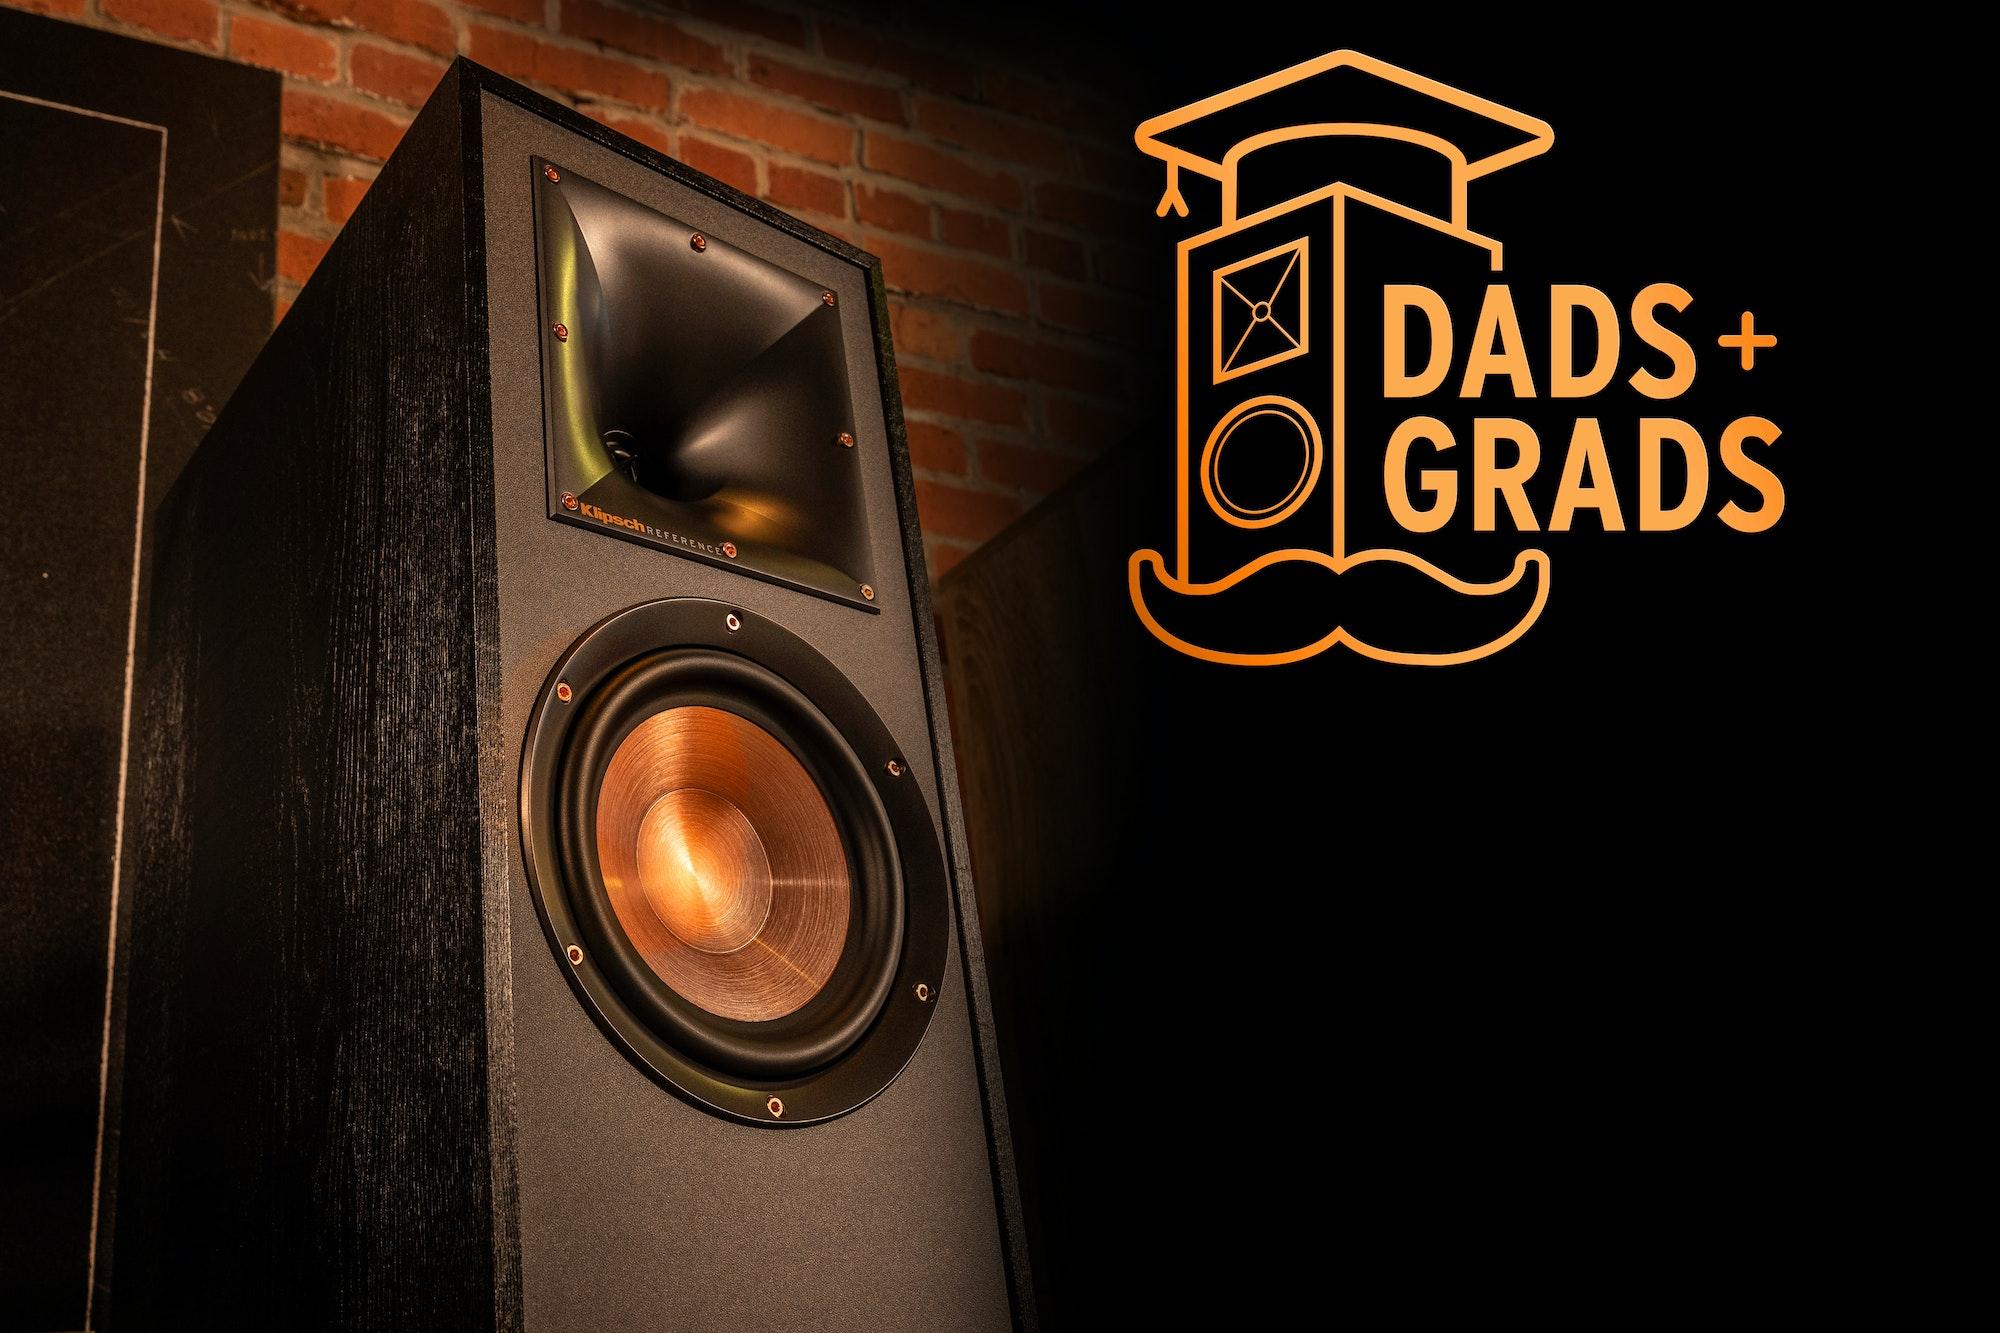 Klipsch dads grads speaker headphone sale